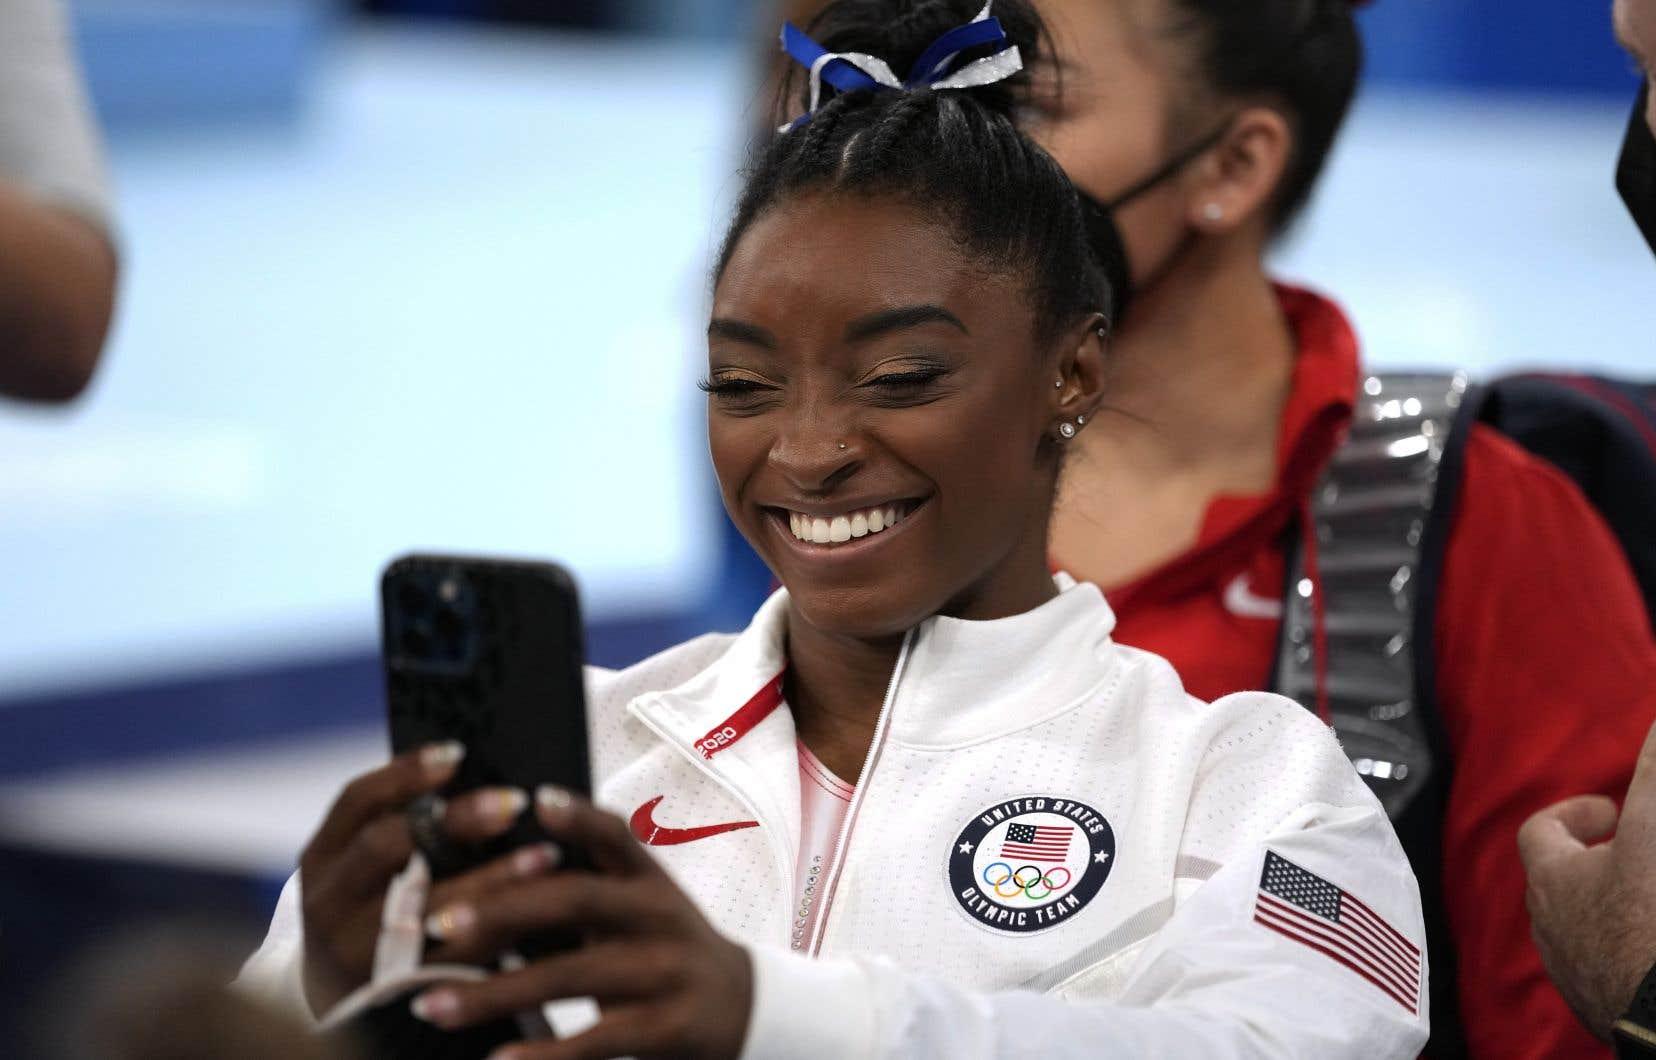 Pour les athlètes au sommet de leur sport, la pression peut être malsaine, intenable. On l'a vu au début des Jeux avec la gymnaste américaine Simone Biles, pourtant favorite pour se couvrir d'or, qui a déclaré forfait aux épreuves d'équipe pour prioriser sa santé mentale.